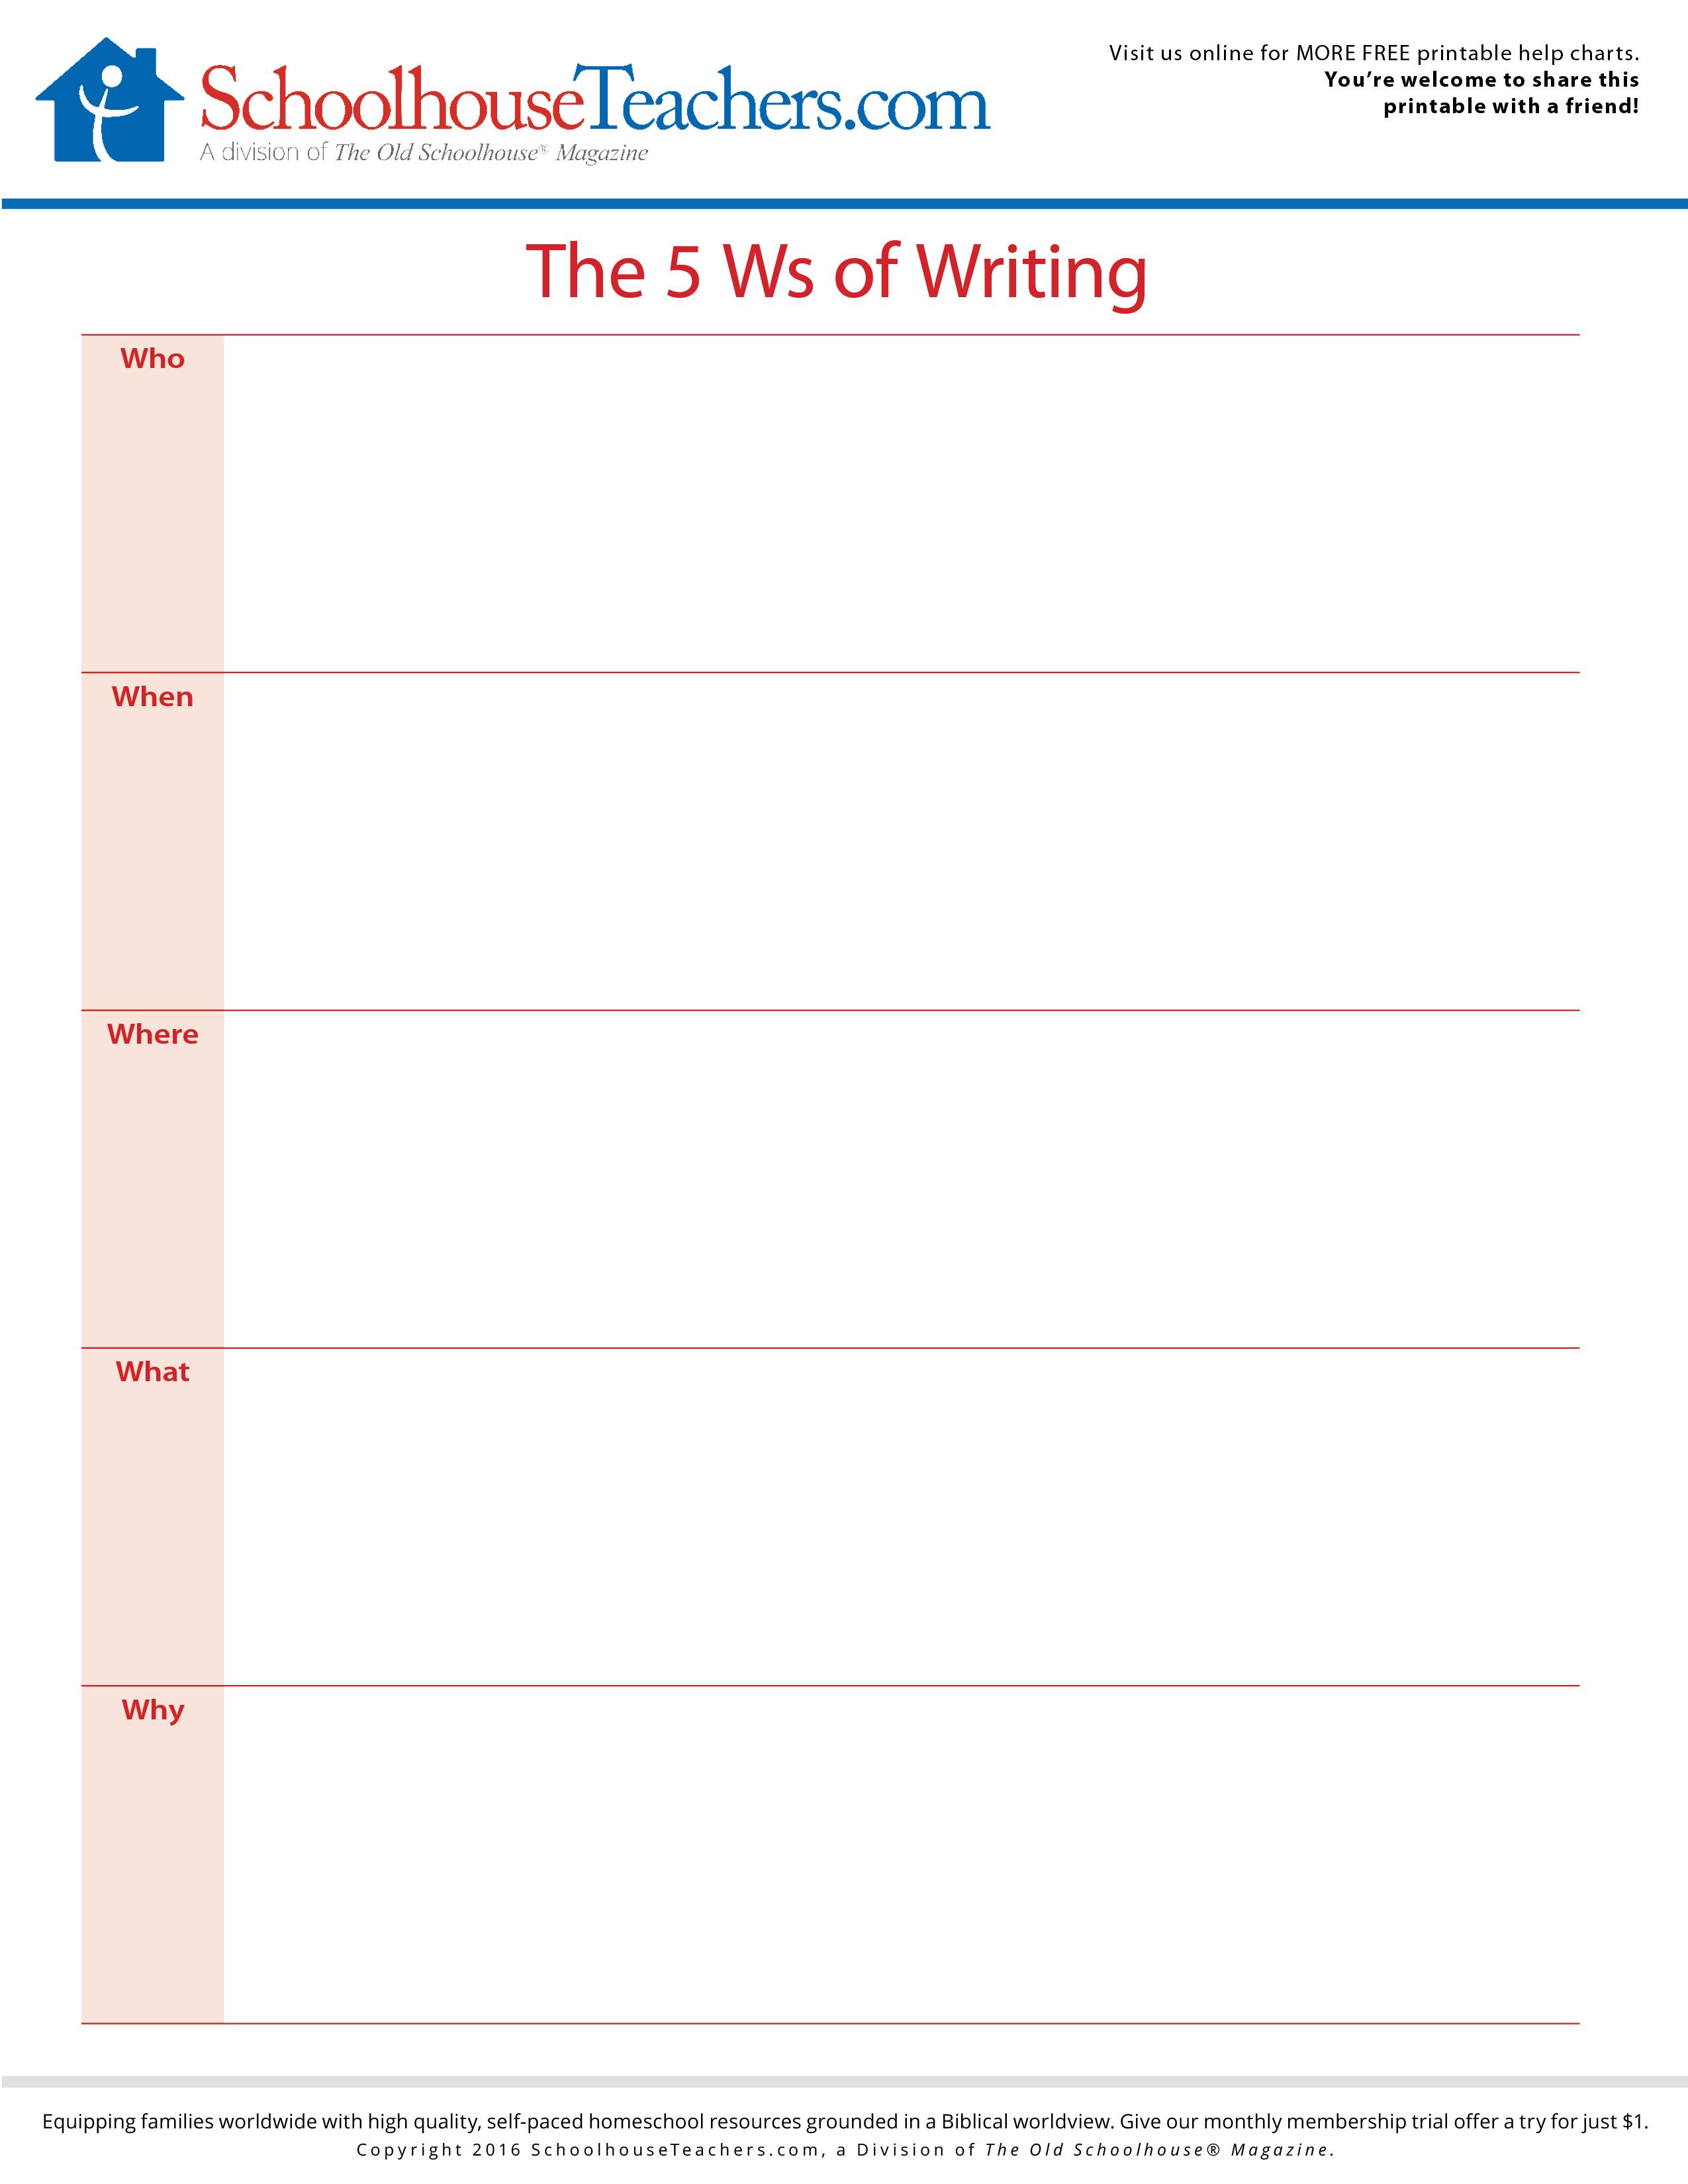 Free School Printable Worksheets